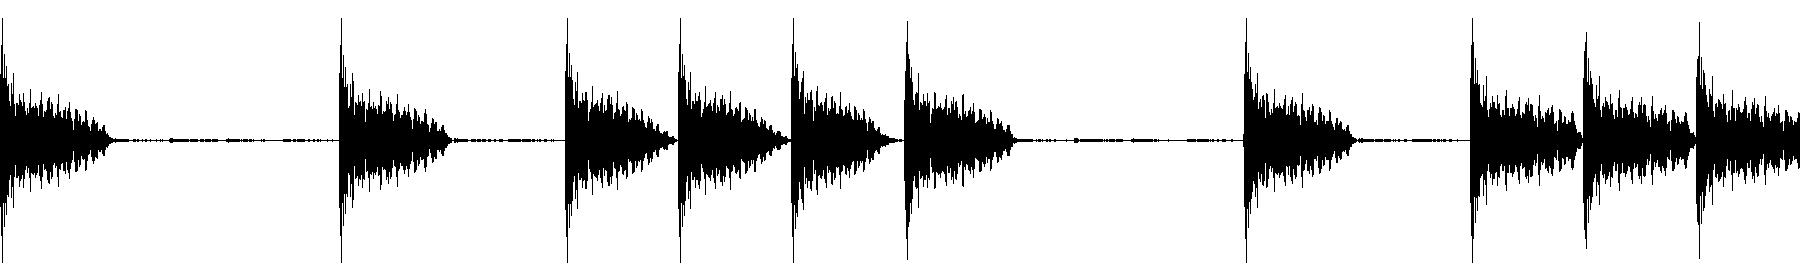 ehp synloop 130 minimalistchord f